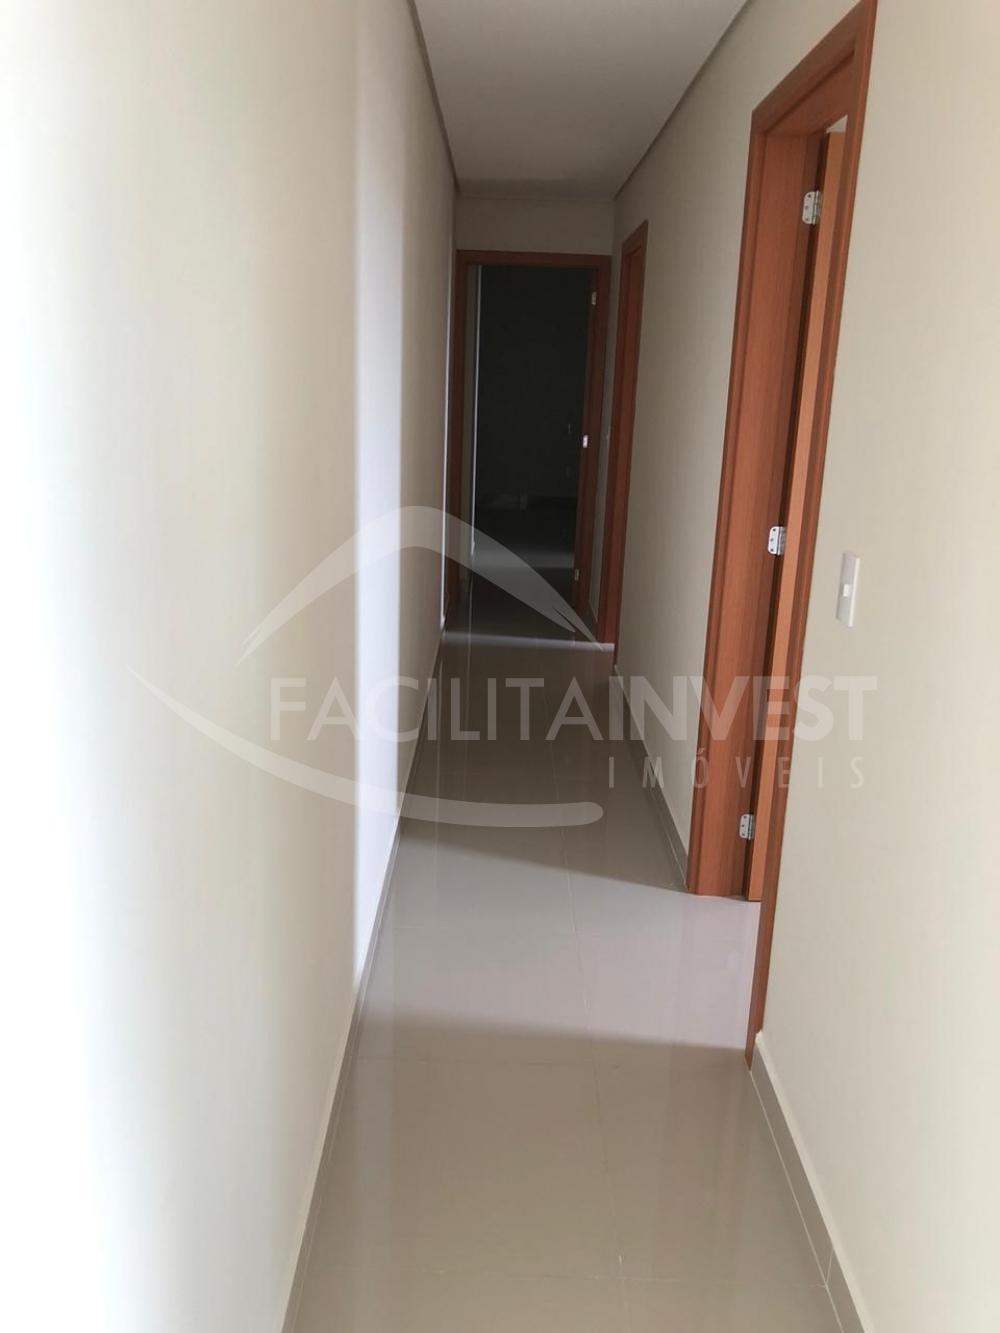 Alugar Apartamentos / Apart. Padrão em Ribeirão Preto apenas R$ 2.800,00 - Foto 6